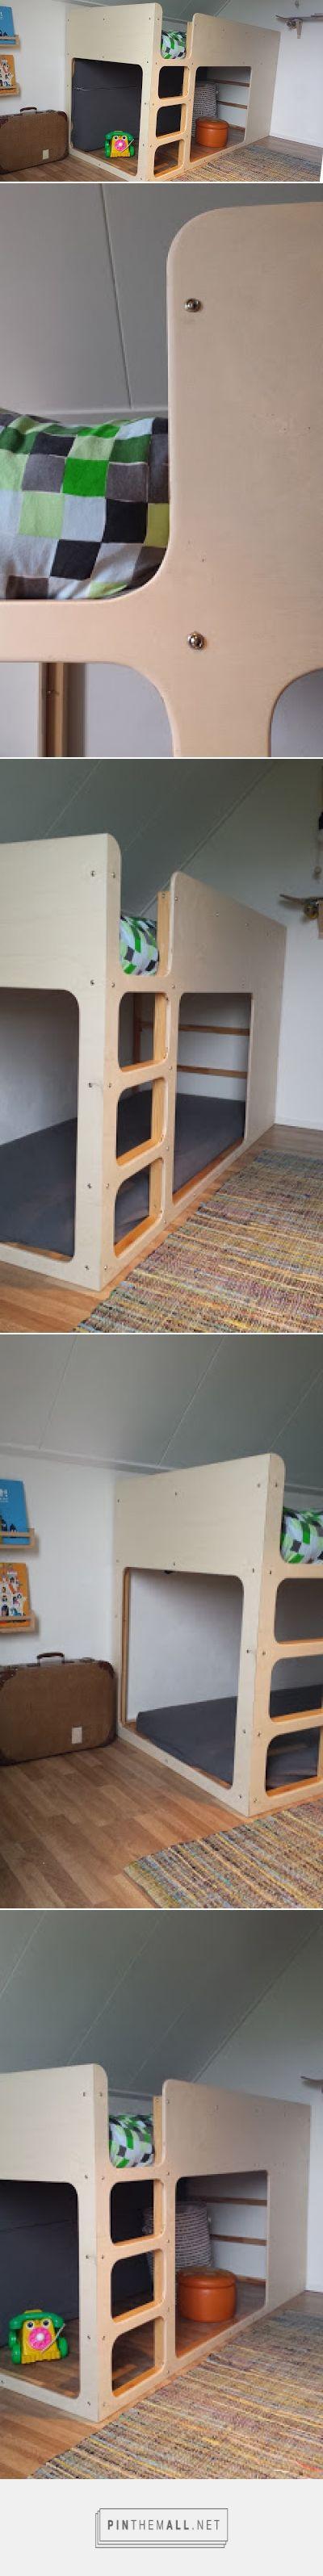 Ikea Kura hack! | Ondeugende Spruit - created via https://pinthemall.net